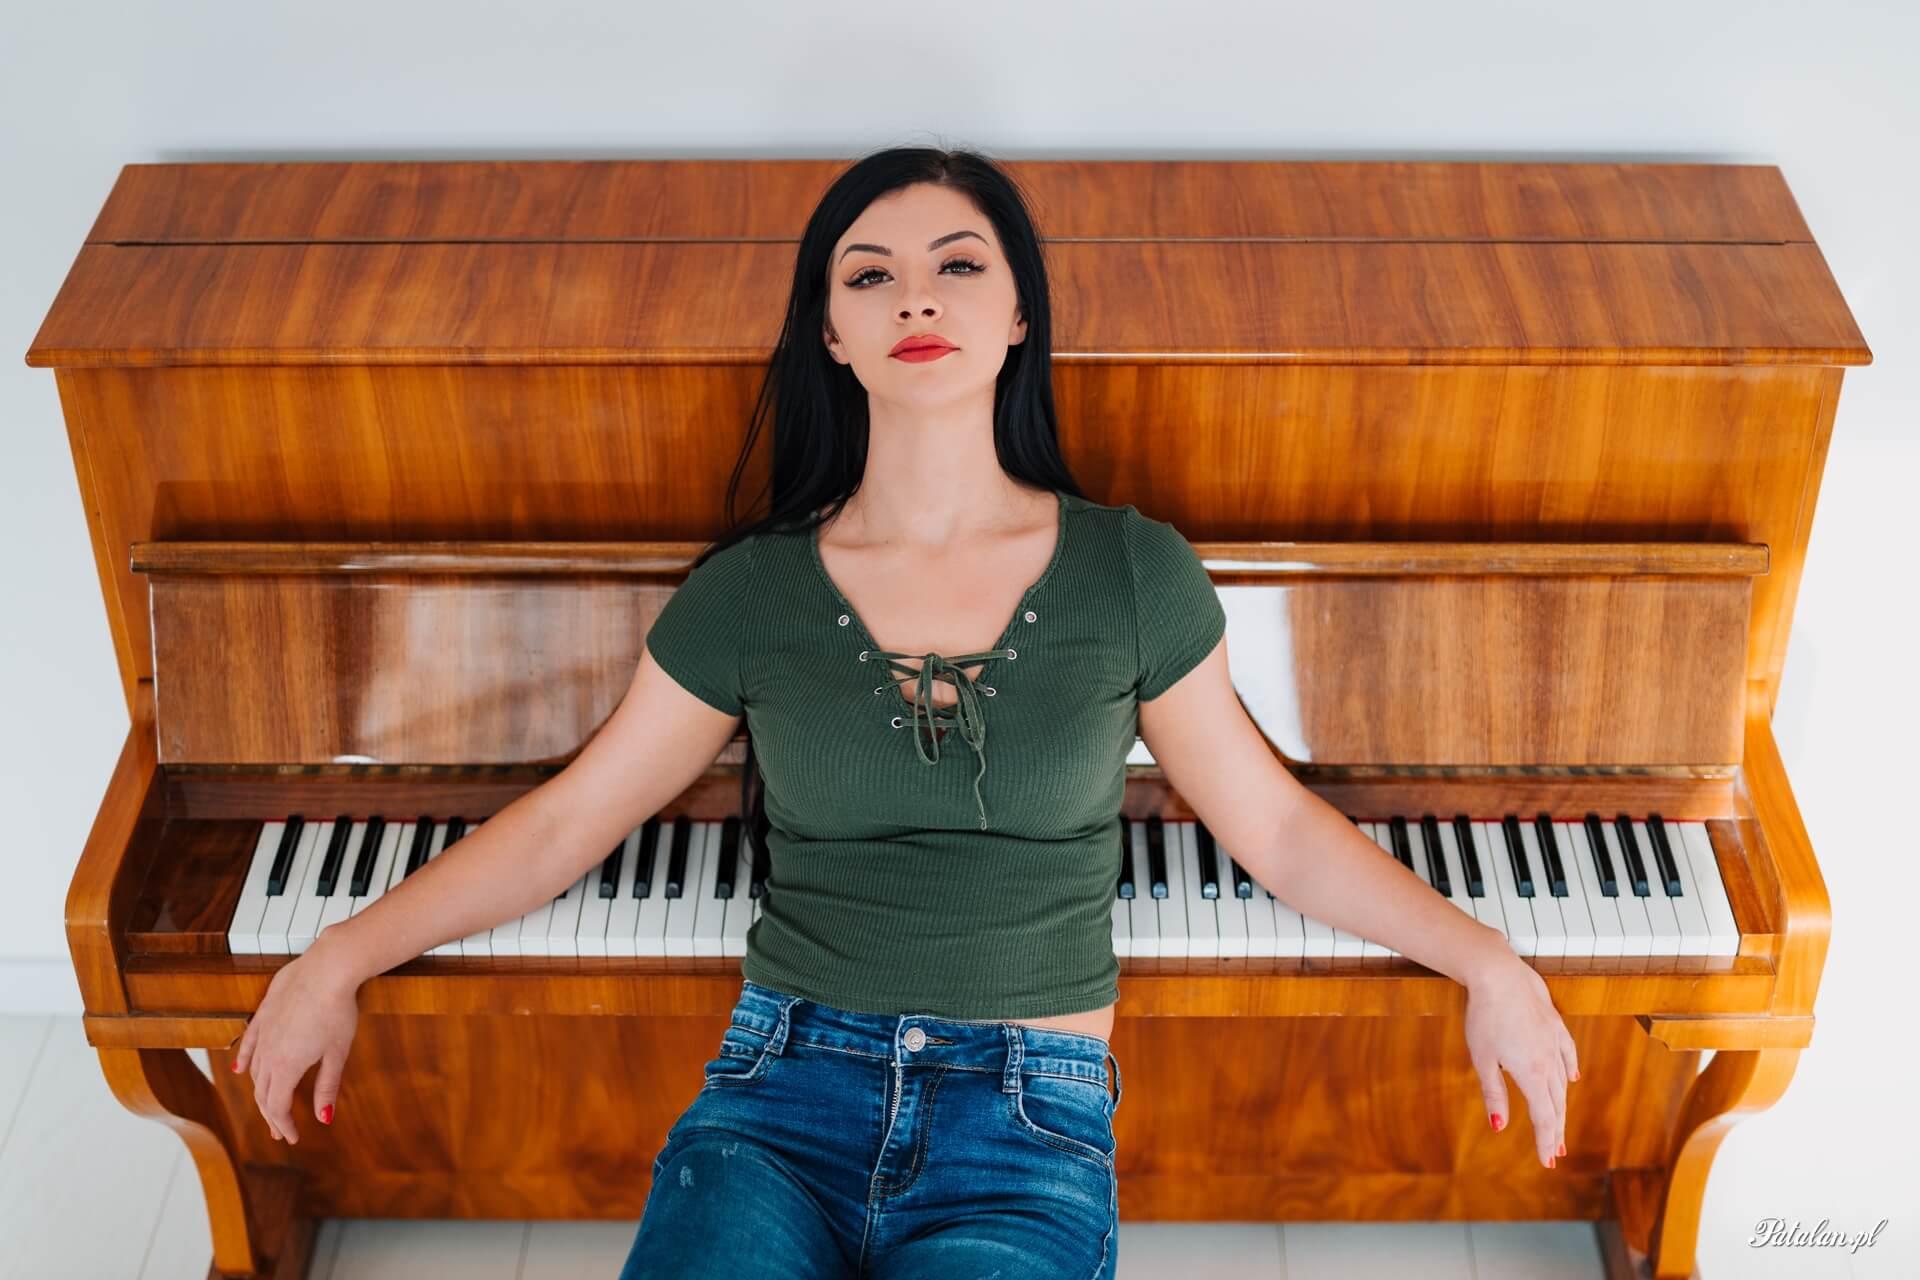 pianino-sesja-fotograf-bialystok-warszawa-patalan